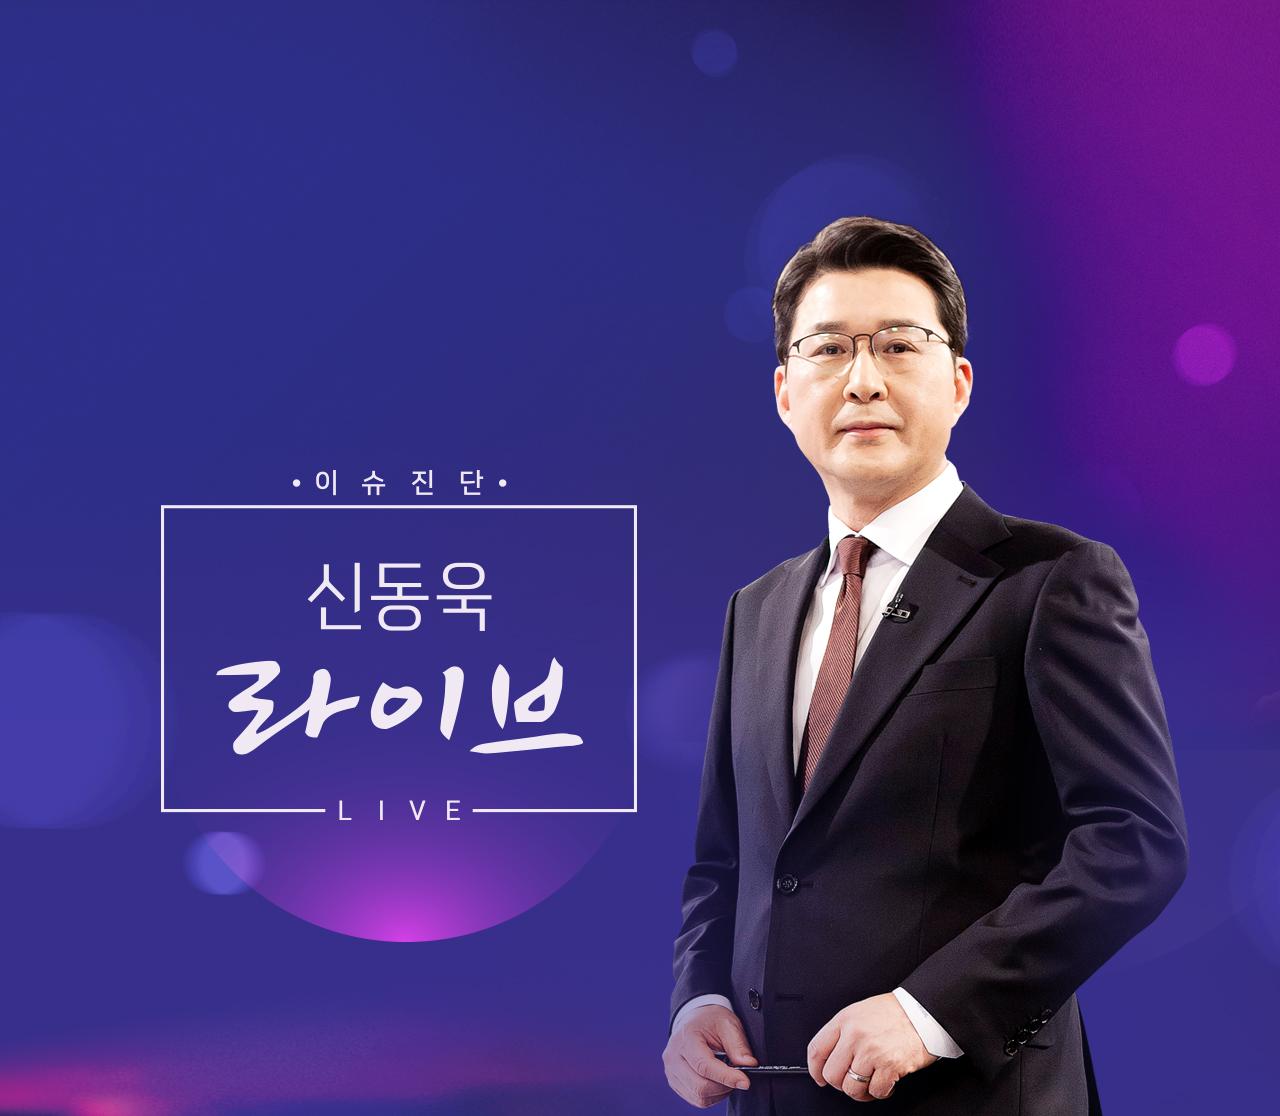 이슈진단 신동욱 라이브